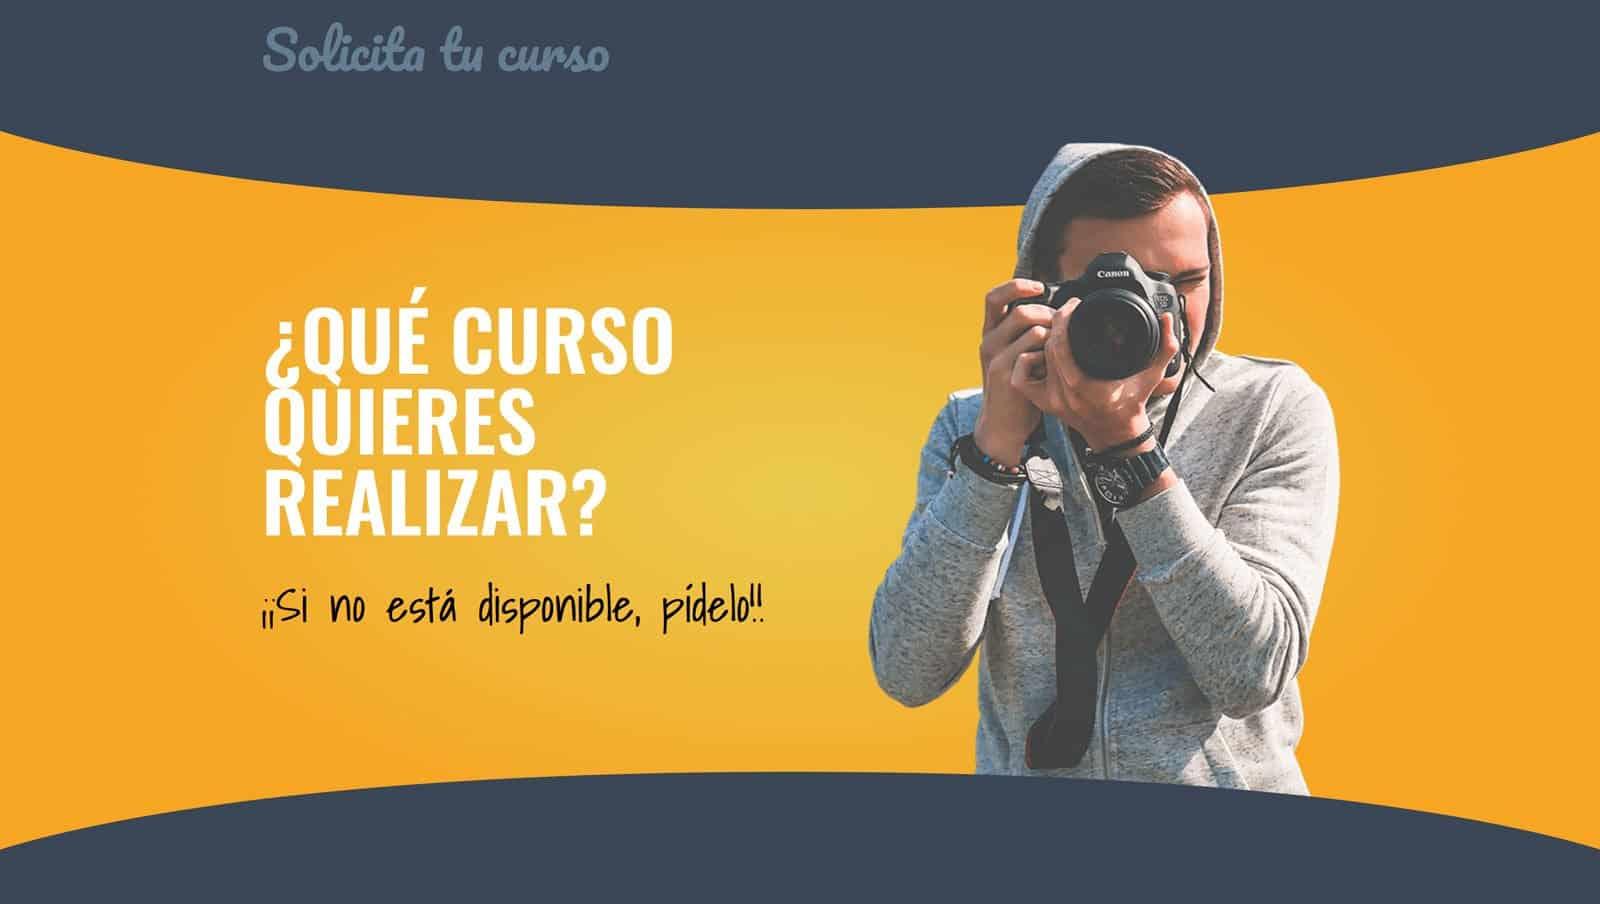 Solicita tu curso de fotografía